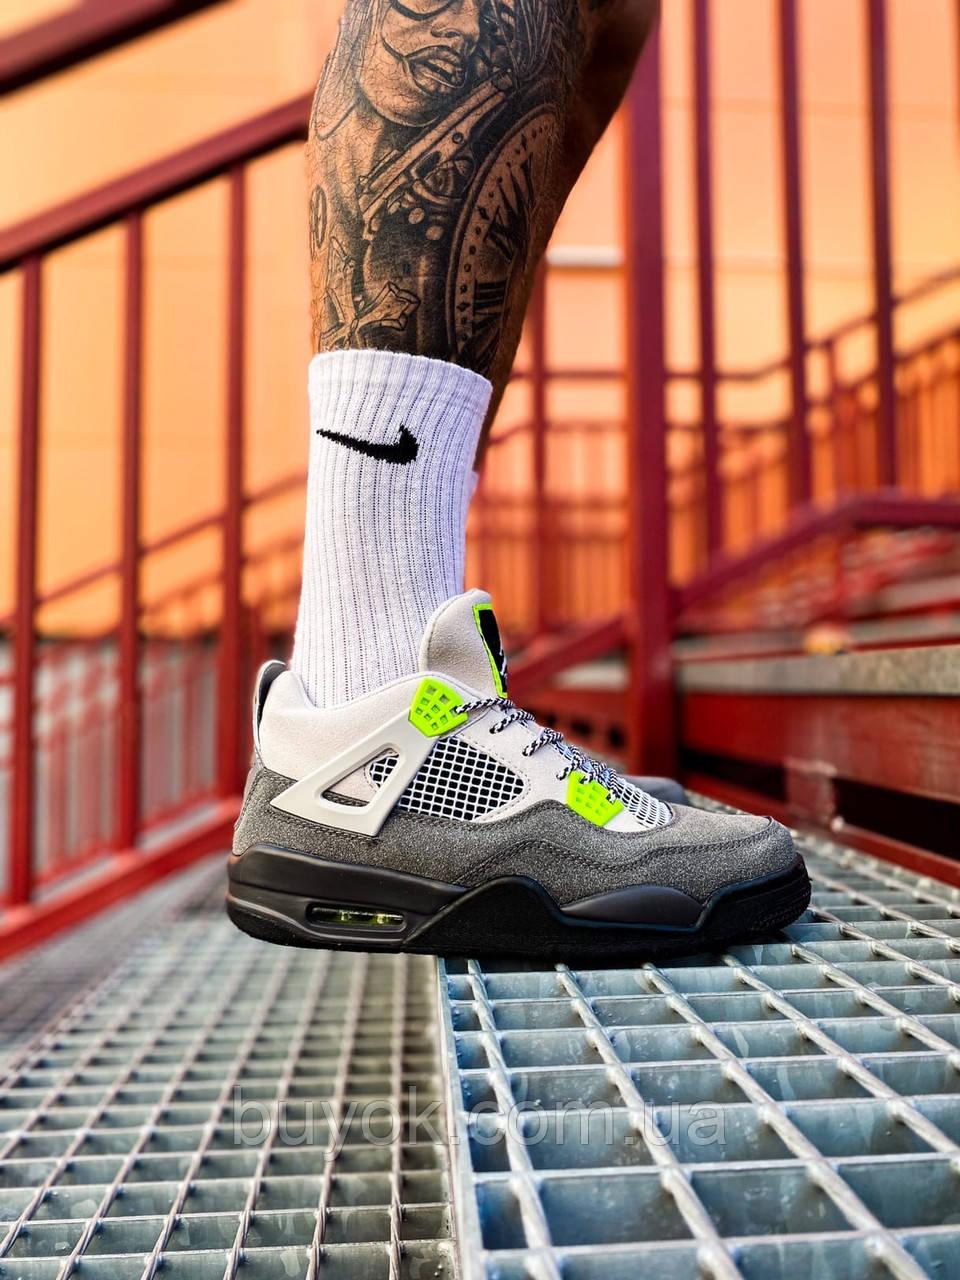 Чоловічі кросівки Air Jordan 4 Retro SE Neon (чоловічі Аїр Джордан 4 Ретро Неон) CT5342-007